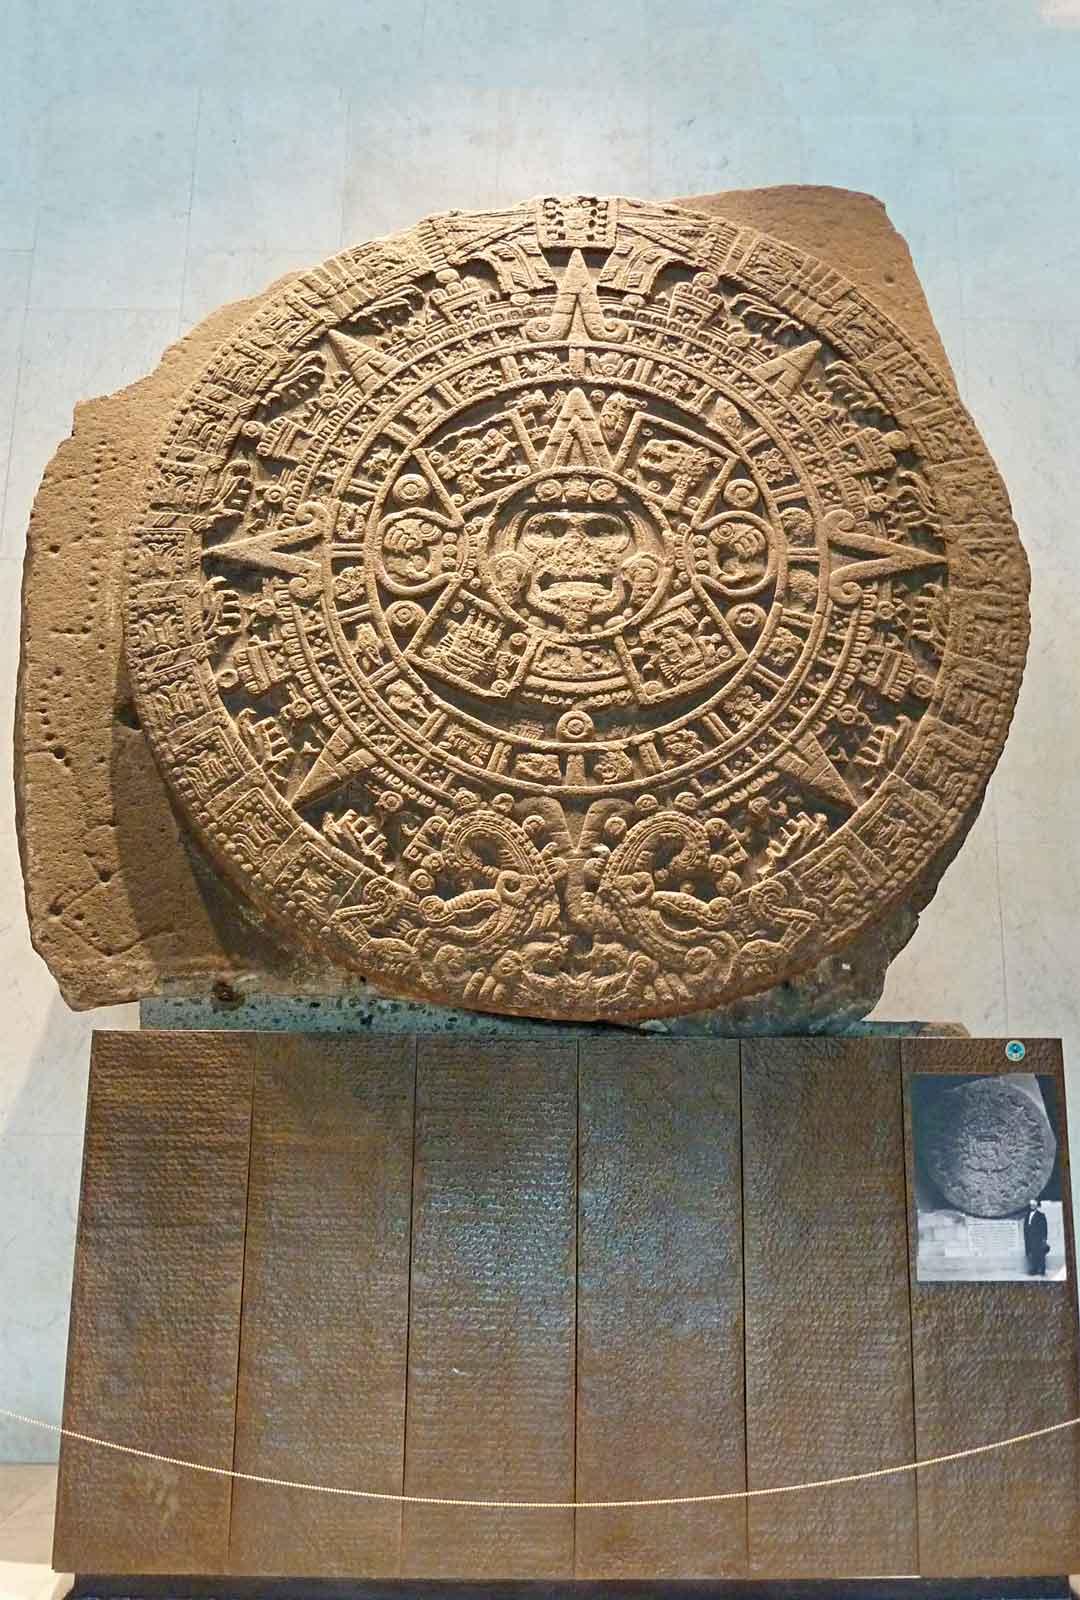 Atsteekkien kiehtova kalenterikivi löytyy Meksikosta Antropologisesta kansallismuseosta. Se löydettiin vuonna 1790.